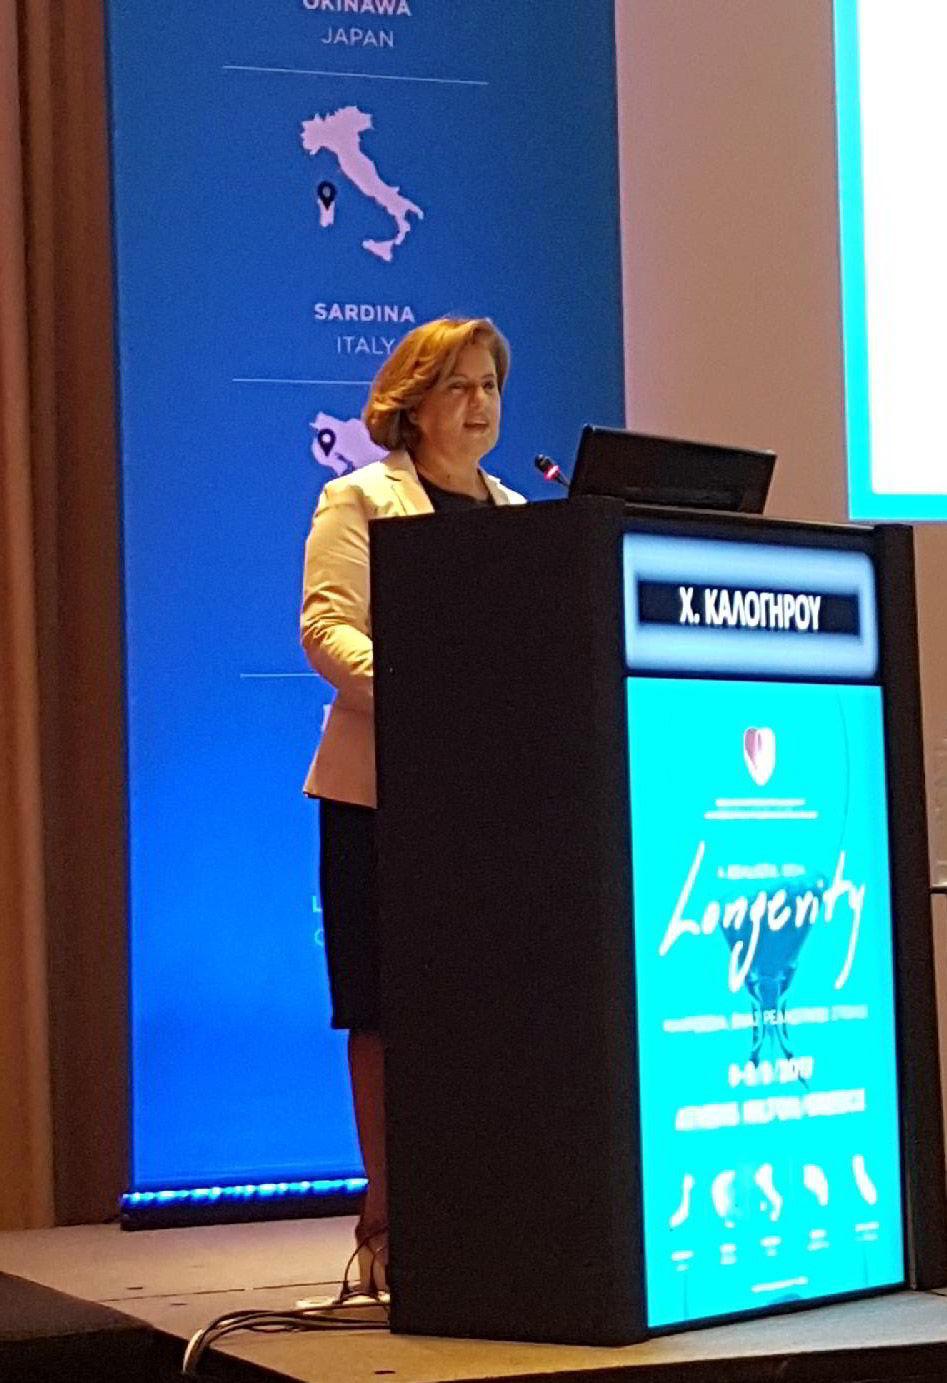 Ομιλία της Περιφερειάρχη σε διεθνές επιστημονικό συνέδριο για τη Μακροζωία